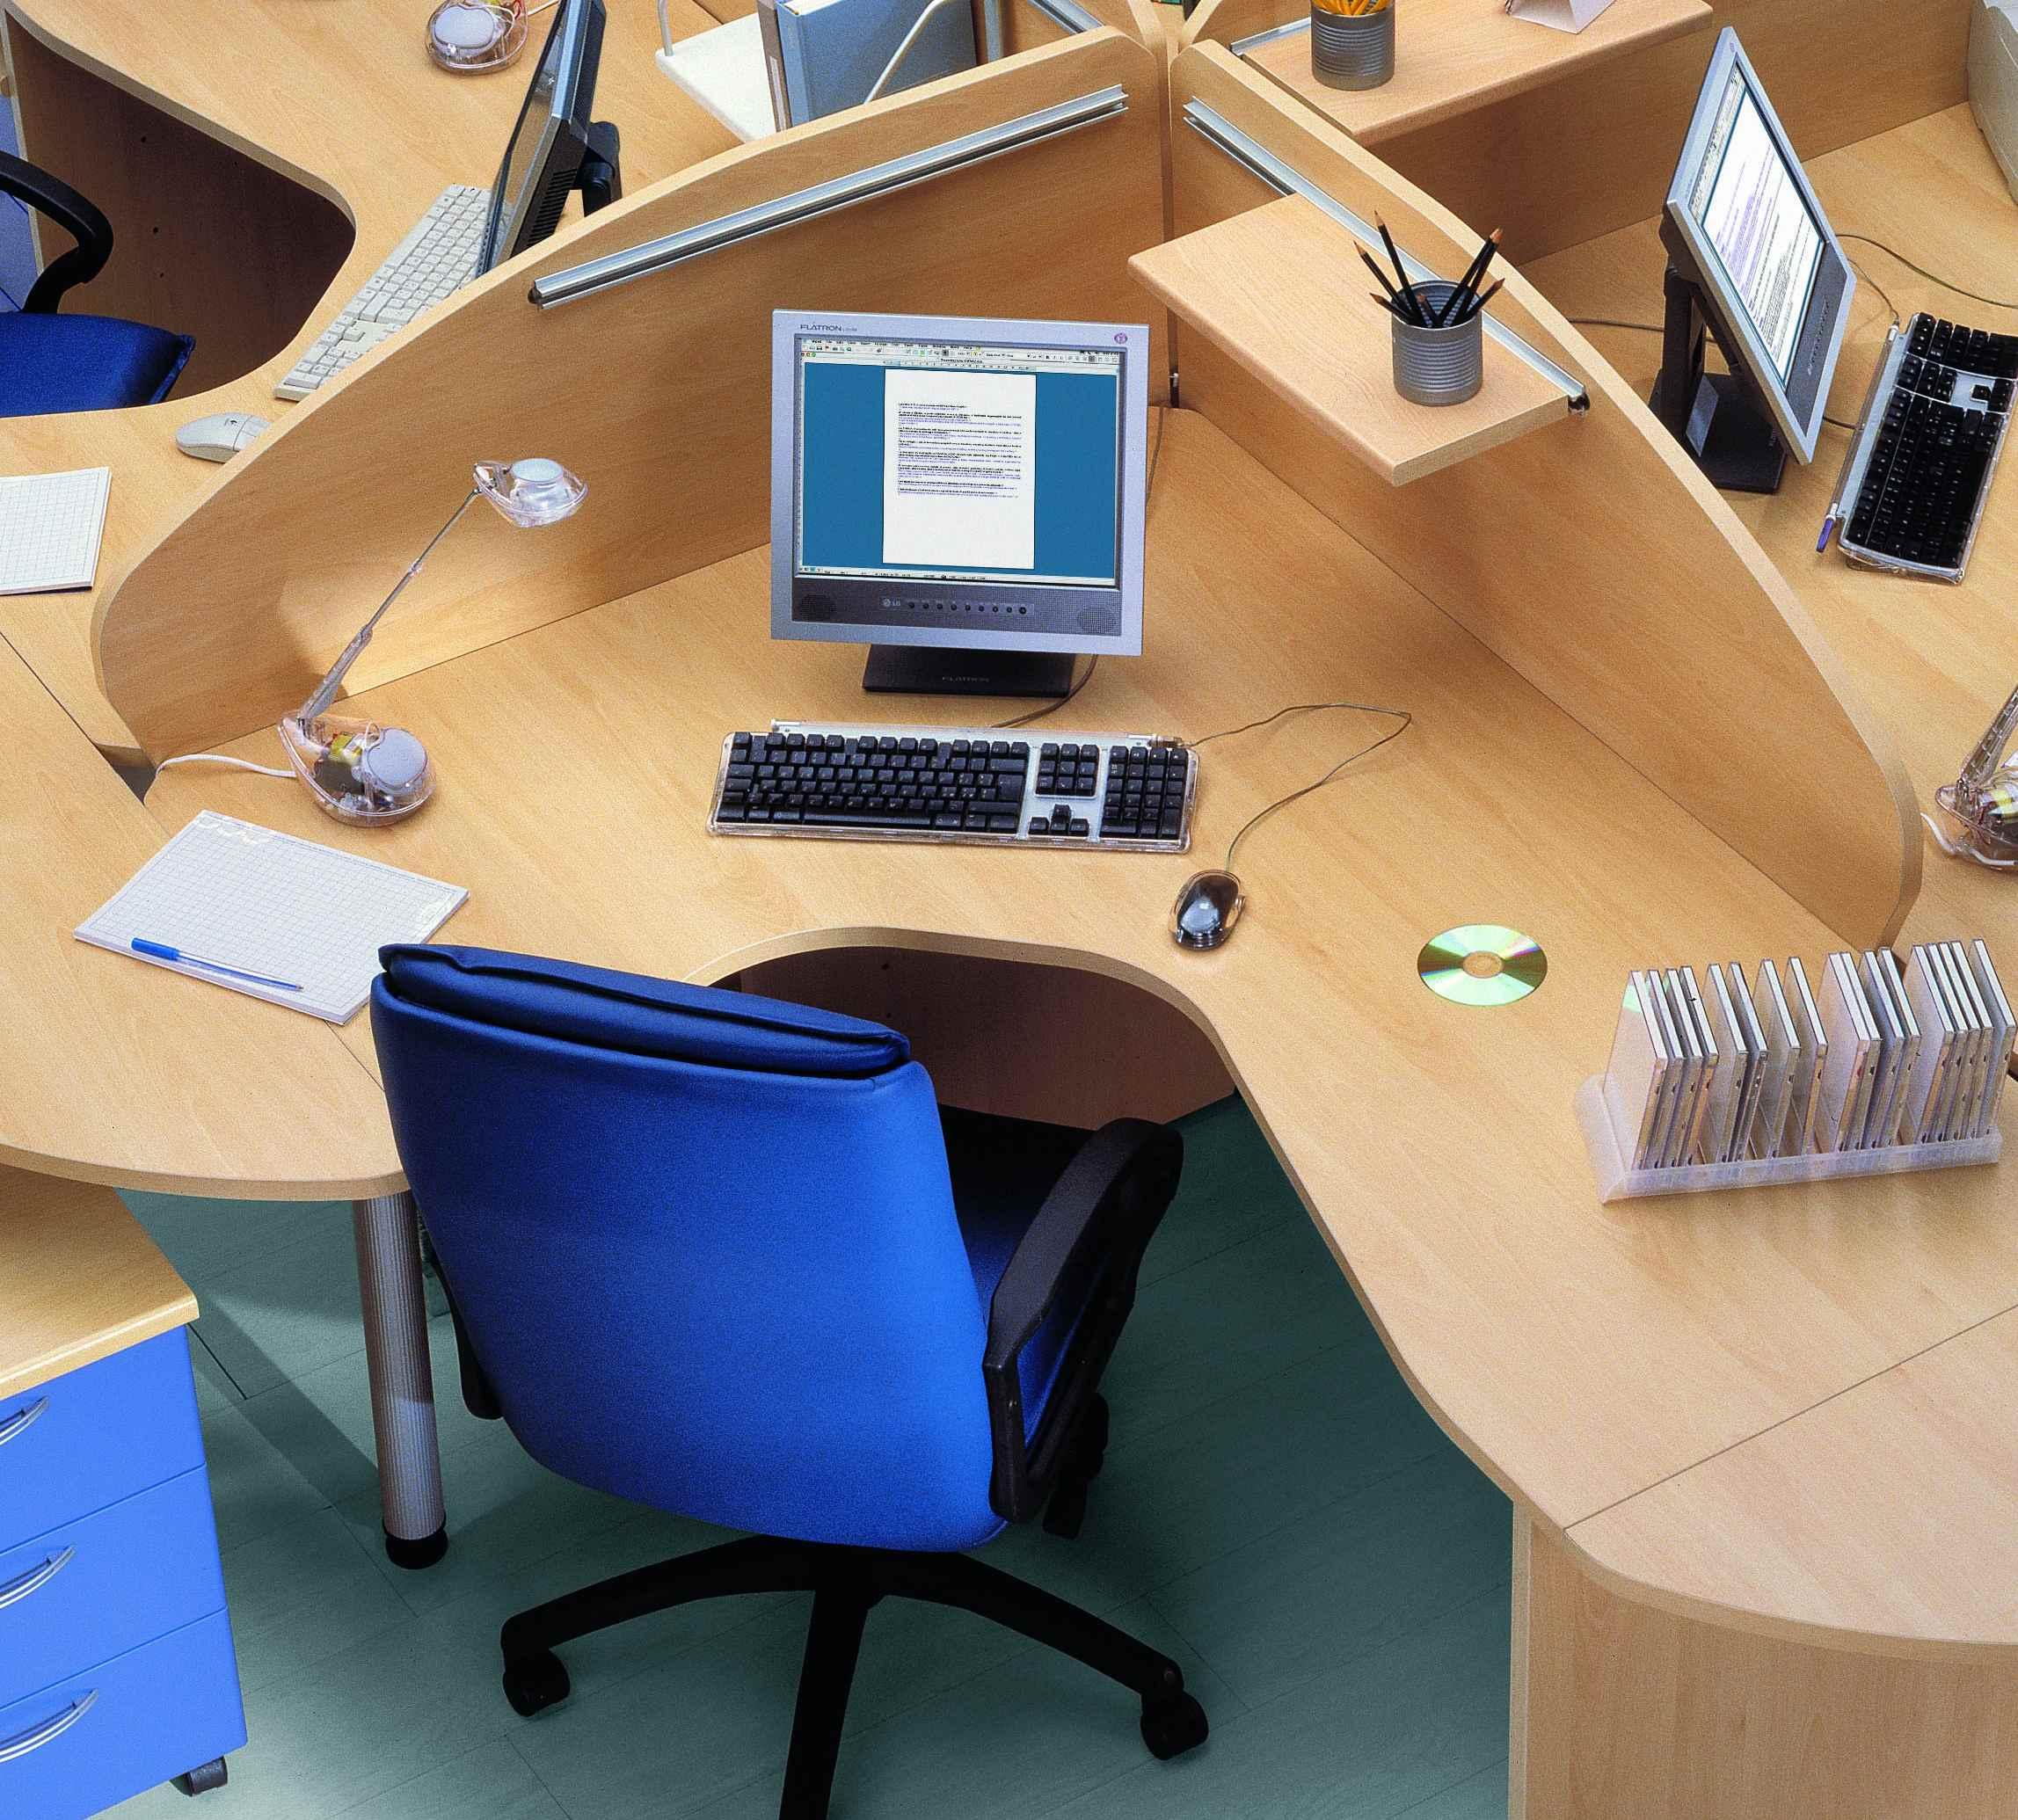 Ufficio ad isola noce grigio pietra benigni mobili - Da ufficio ad abitazione ...